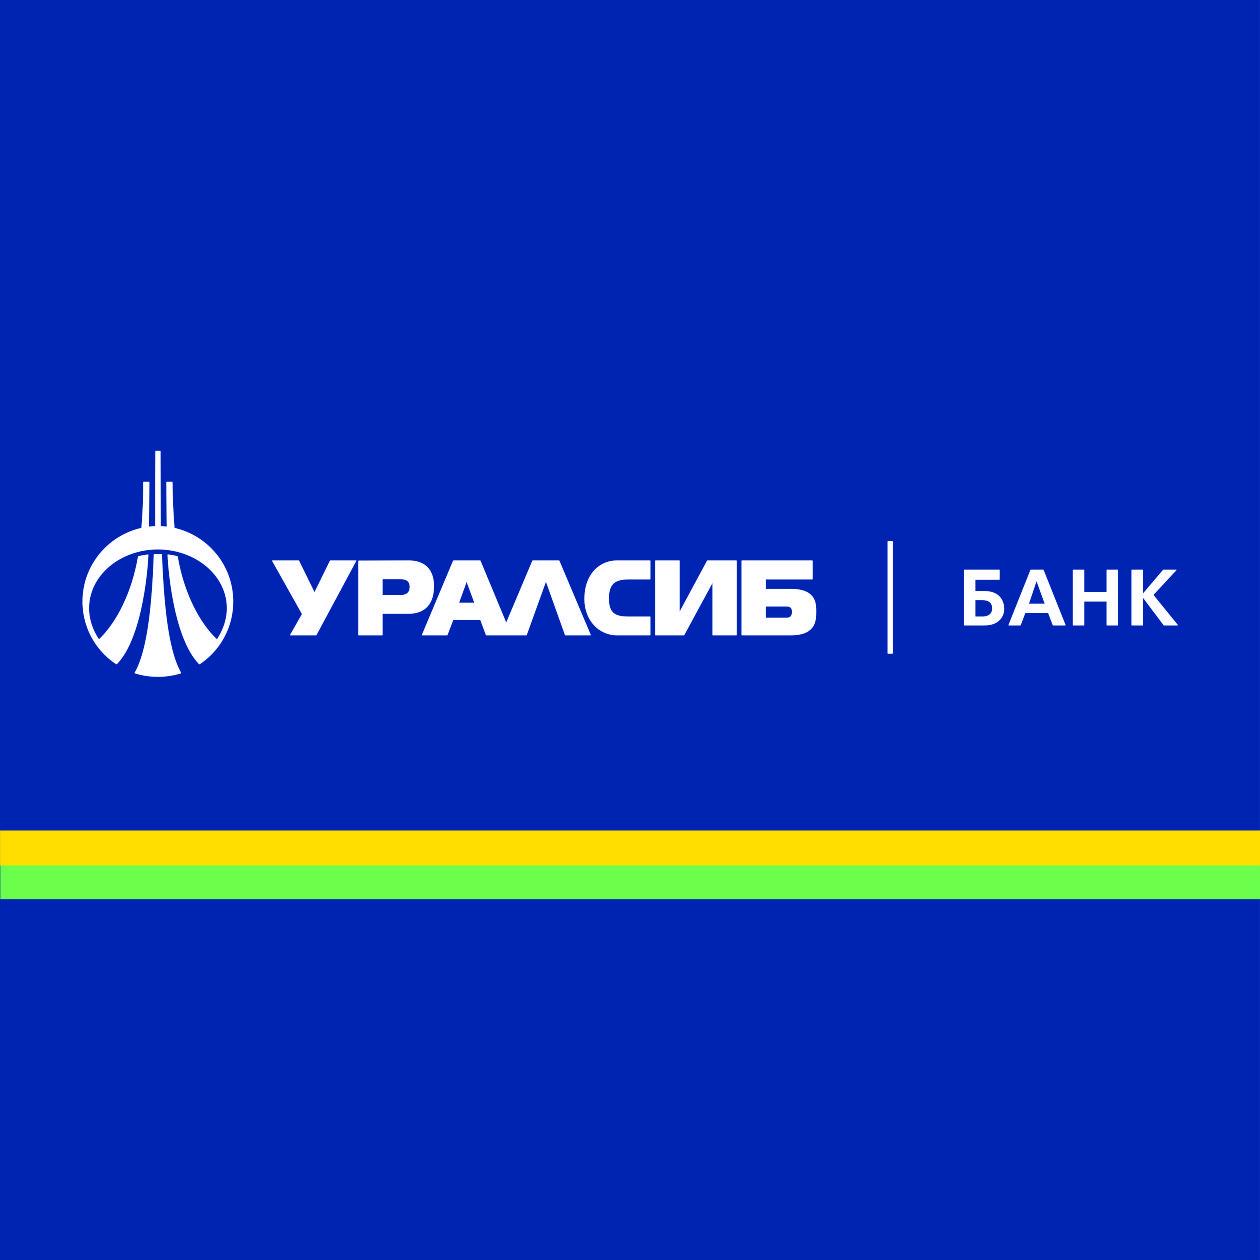 Банк России утвердил Людмилу Коган в качестве инвестора по финансовому оздоровлению Банка УРАЛСИБ